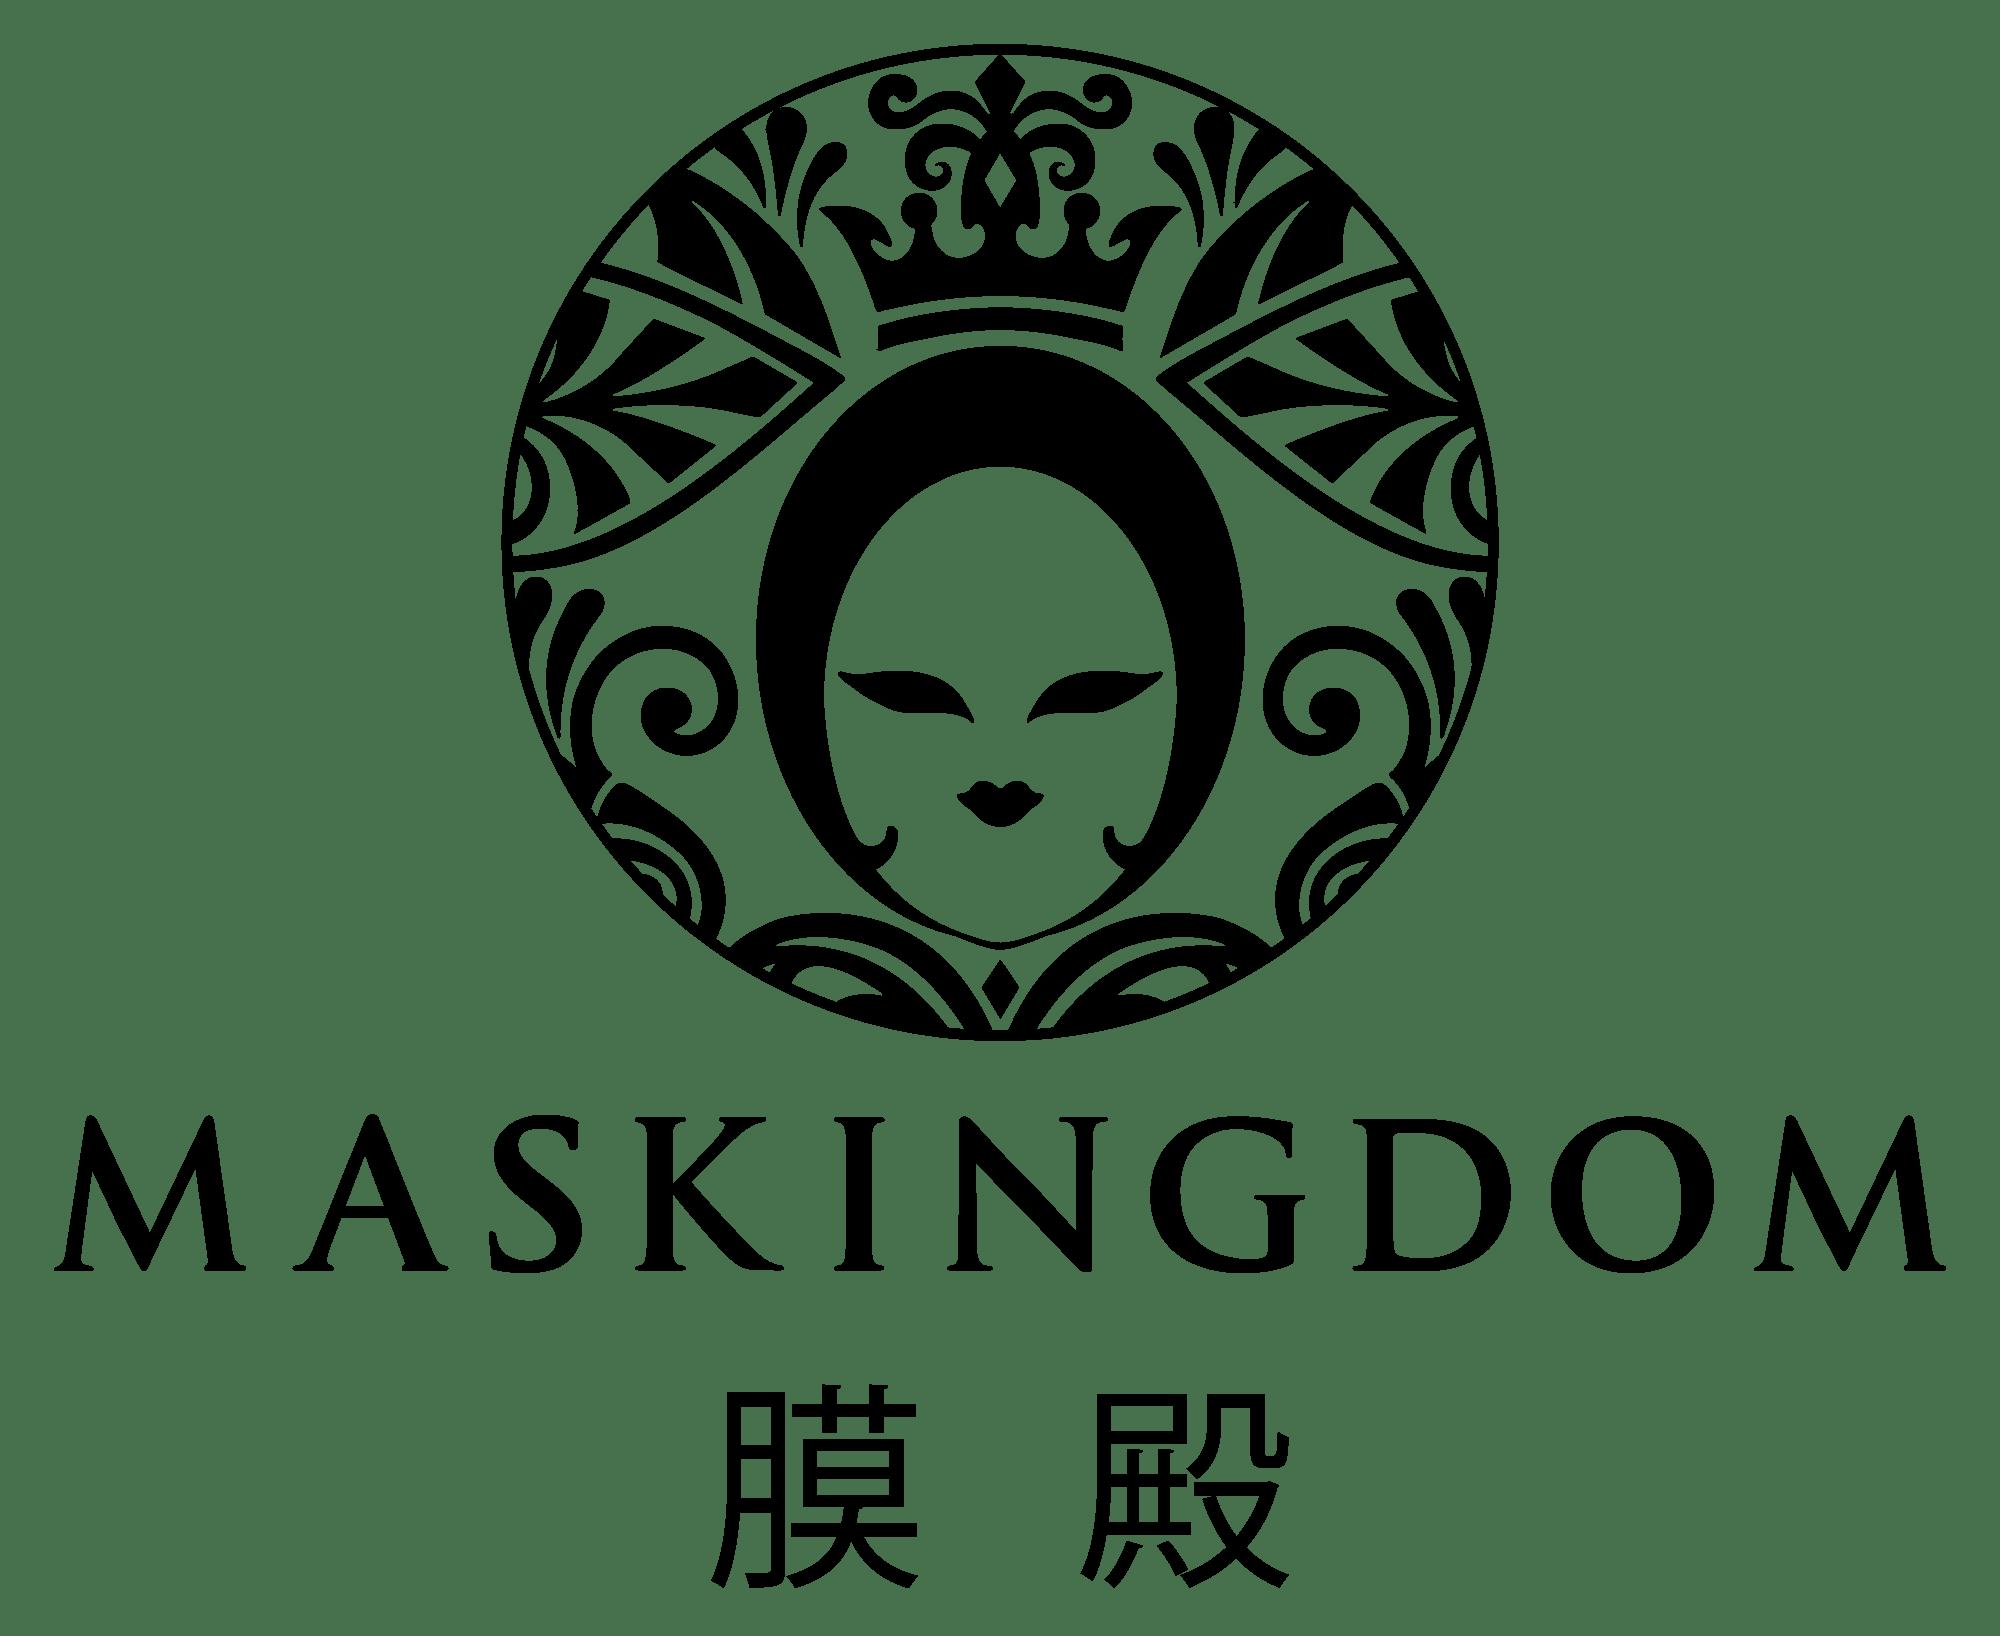 膜殿 Maskingdom